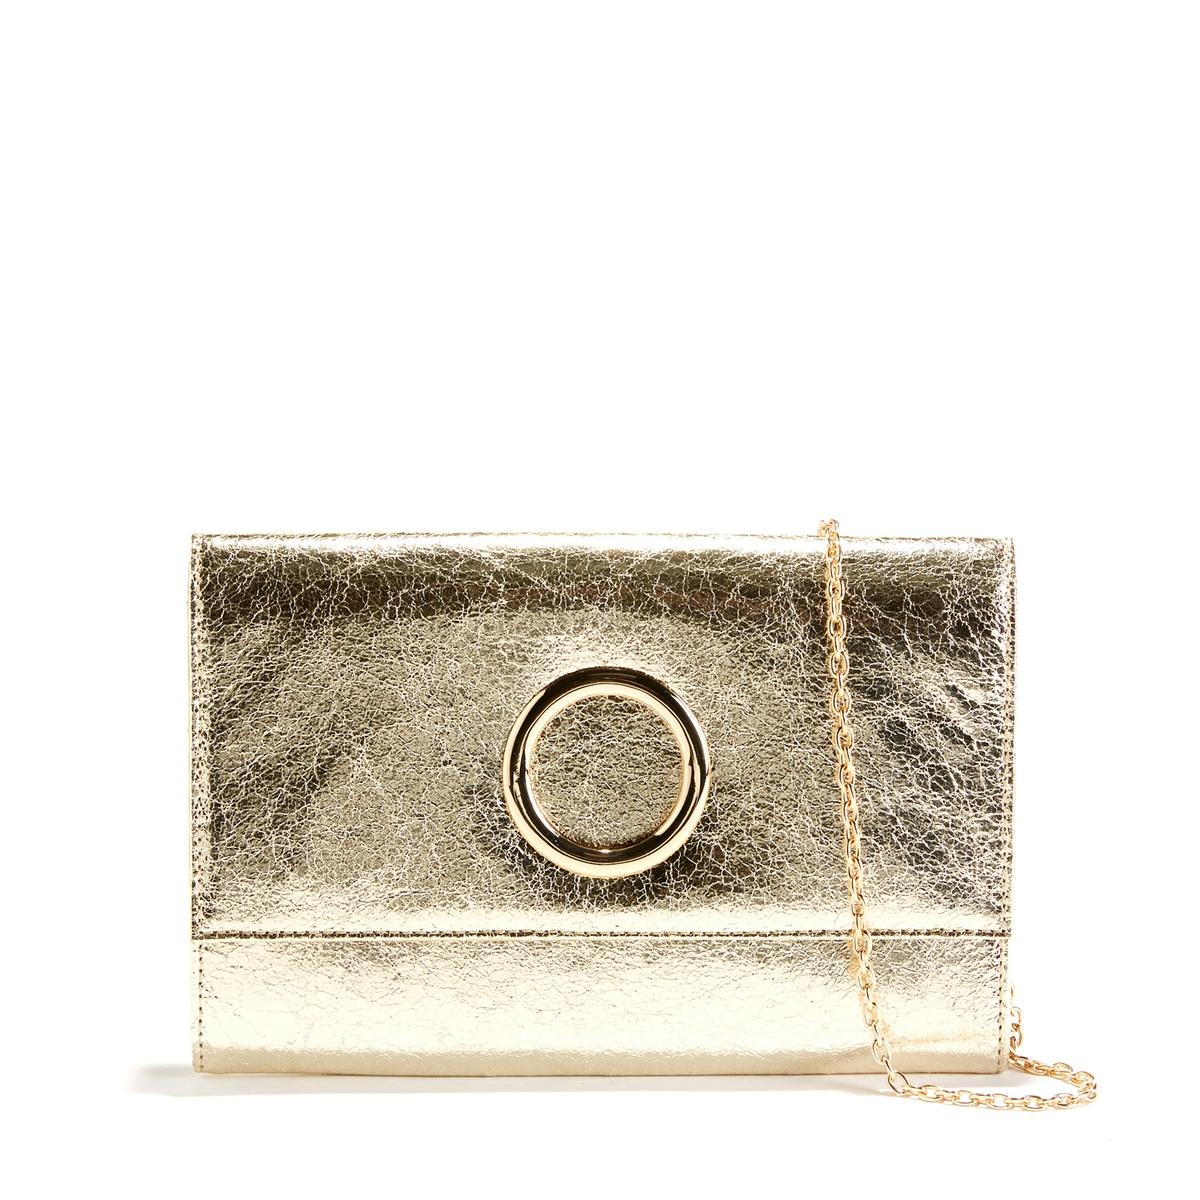 Клатч в винтажном стилеОписание:Благодаря своей винтажной форме и изящным кольцу и цепочке эта сумка поможет выделиться уже следующим вечером !Состав и описание :Материал верха : полиуретанПодкладка : полиэстерРазмер  : Ш.26,5x В.20 смЗастёжка :  на магнитную кнопку2 кармана + 1 карман на молнииПлечевой ремень : съемная нерегулируемая цепочкаНосить : через плечо или в руках<br><br>Цвет: золотистый,черный<br>Размер: единый размер